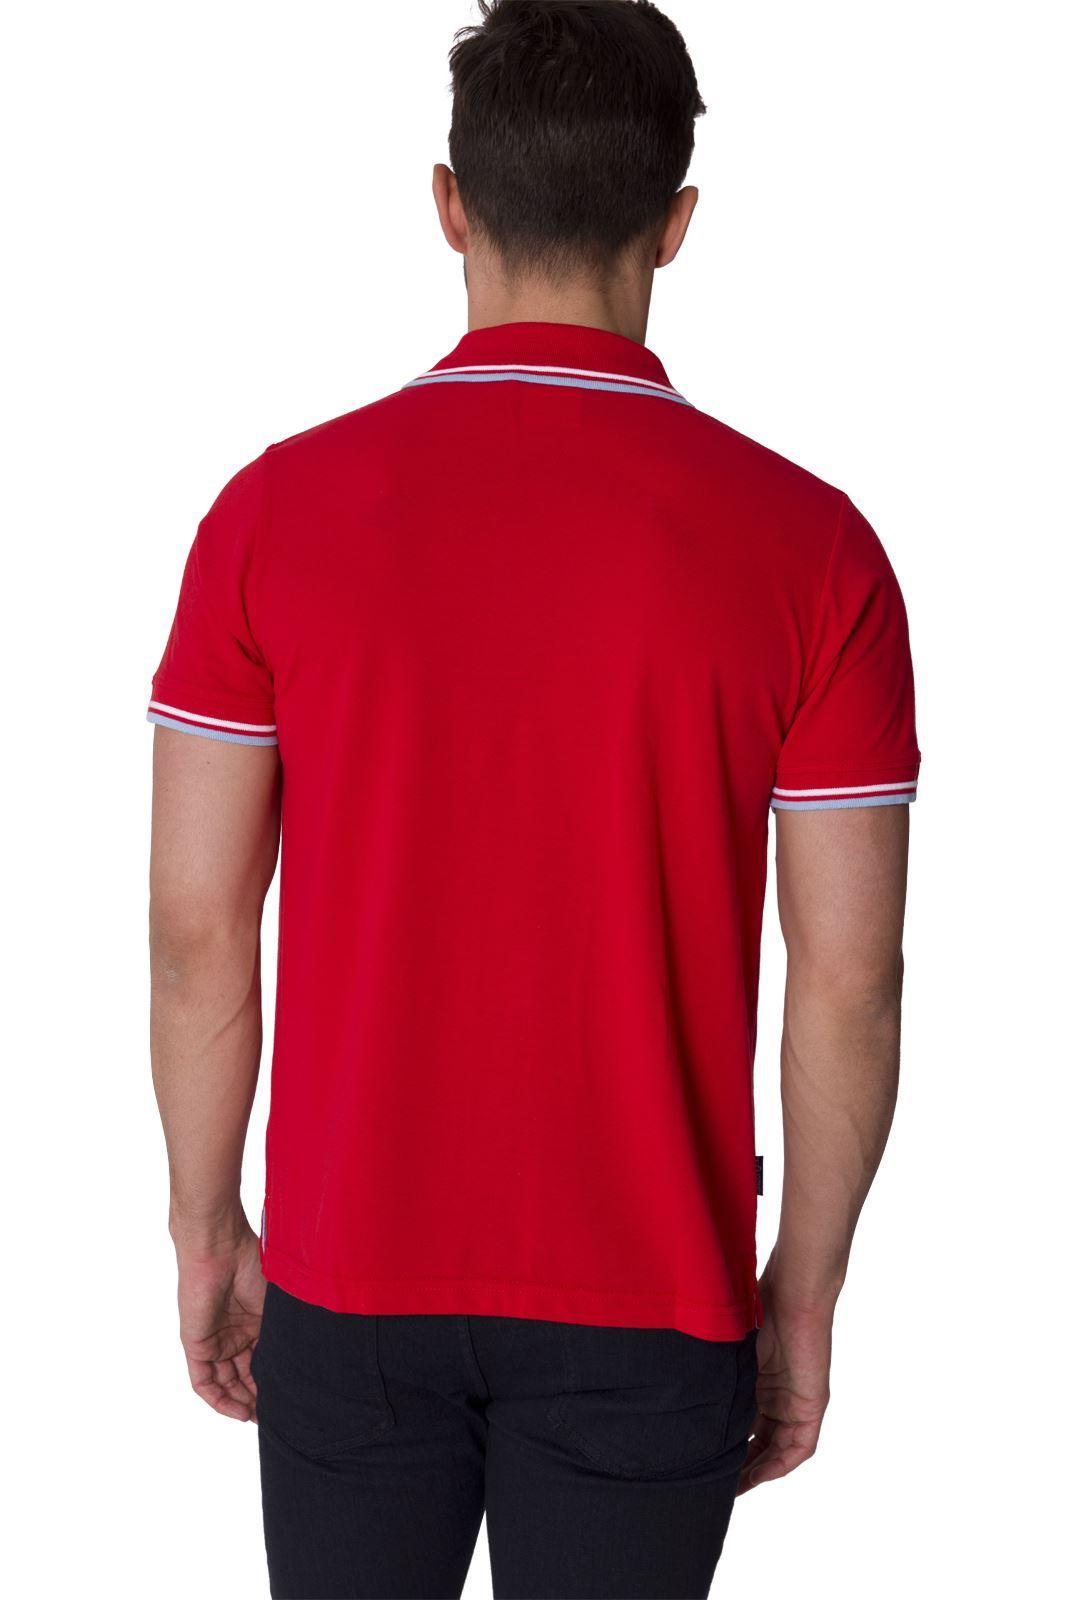 Slazenger designer new mens short sleeve collared polo tee for Mens designer t shirts uk